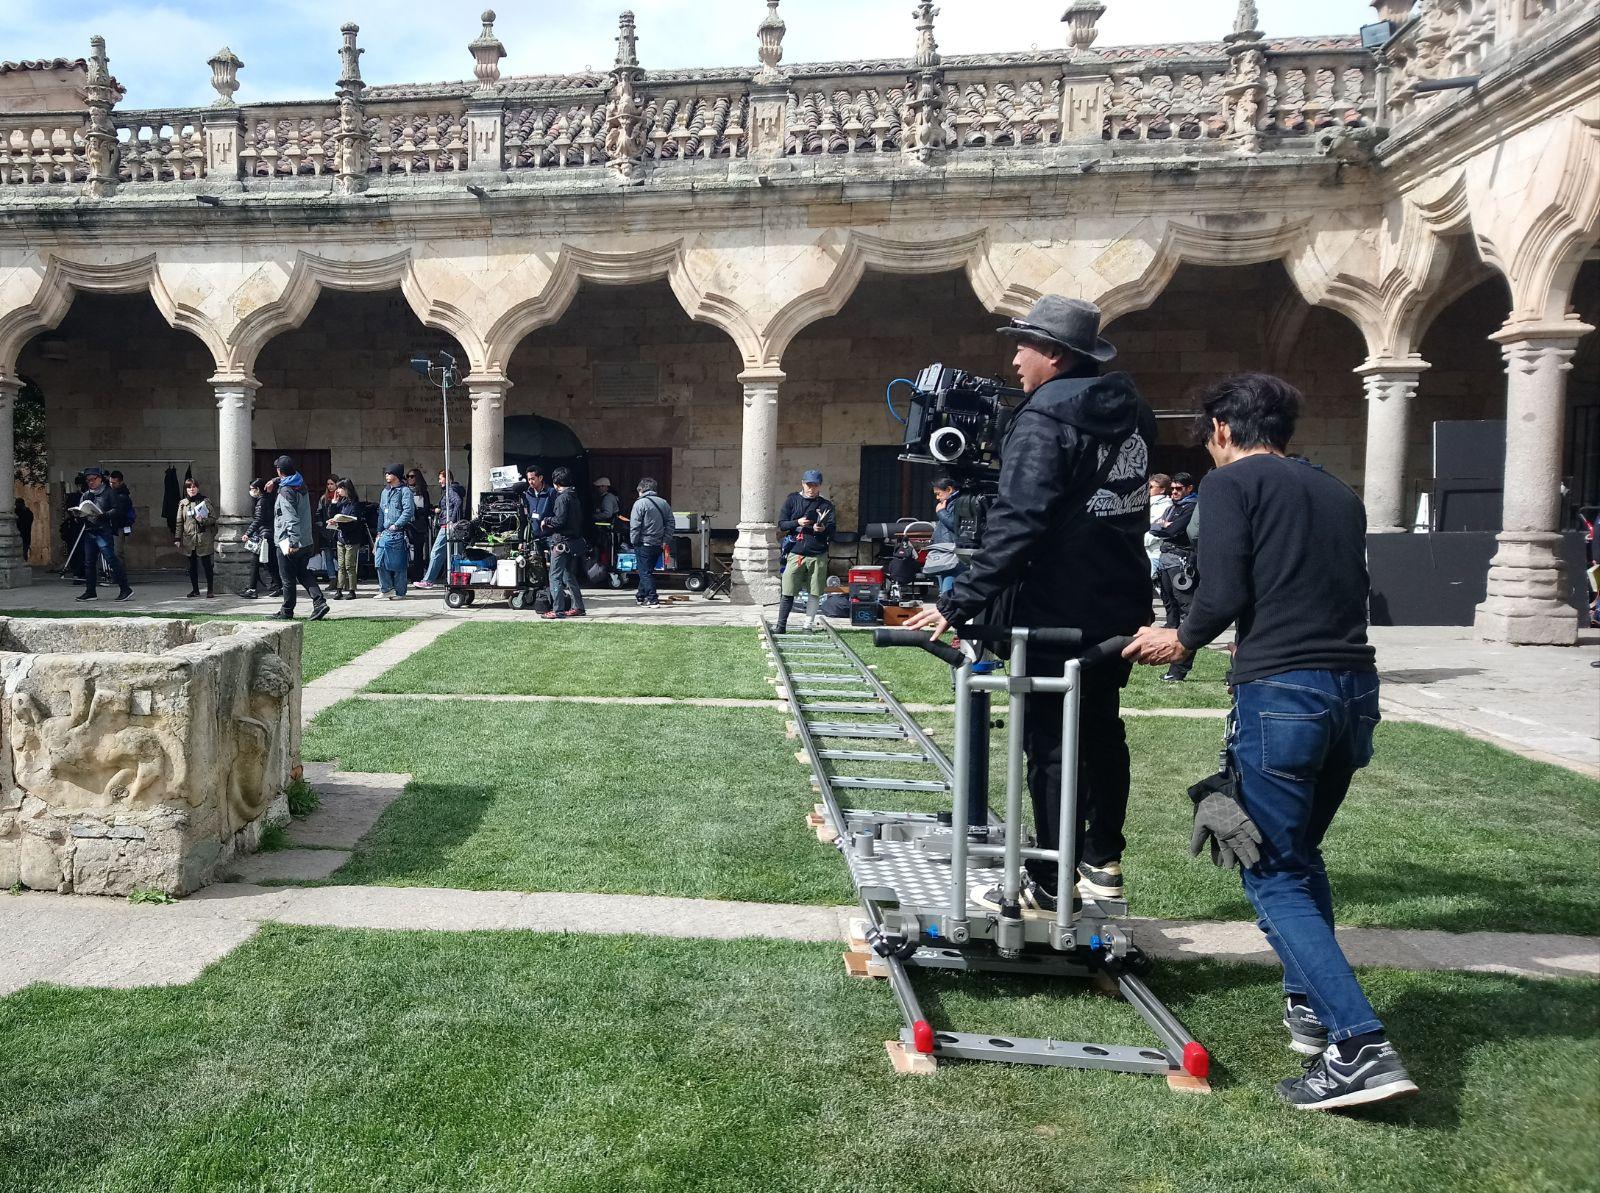 La Universidad de Salamanca vuelve a la ficción con el estreno de la serie japonesa 'Magi', rodada en el marco del VIII Centenario